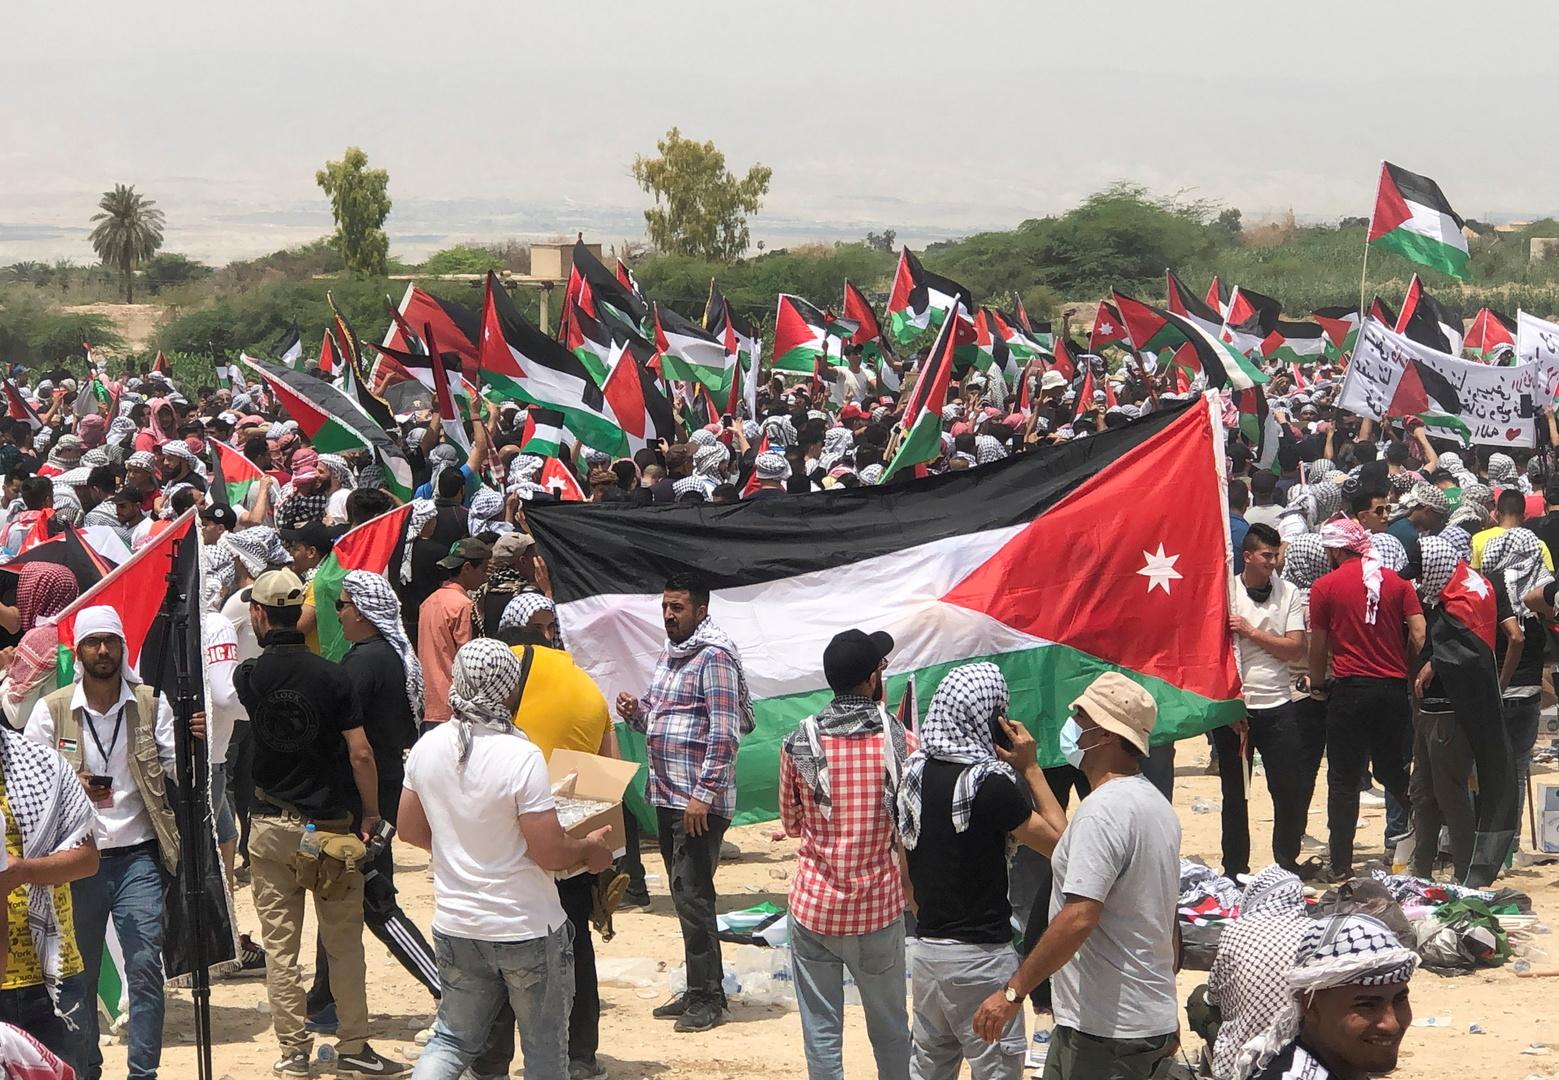 مواطنون يحملون الأعلام الأردنية والفلسطينية